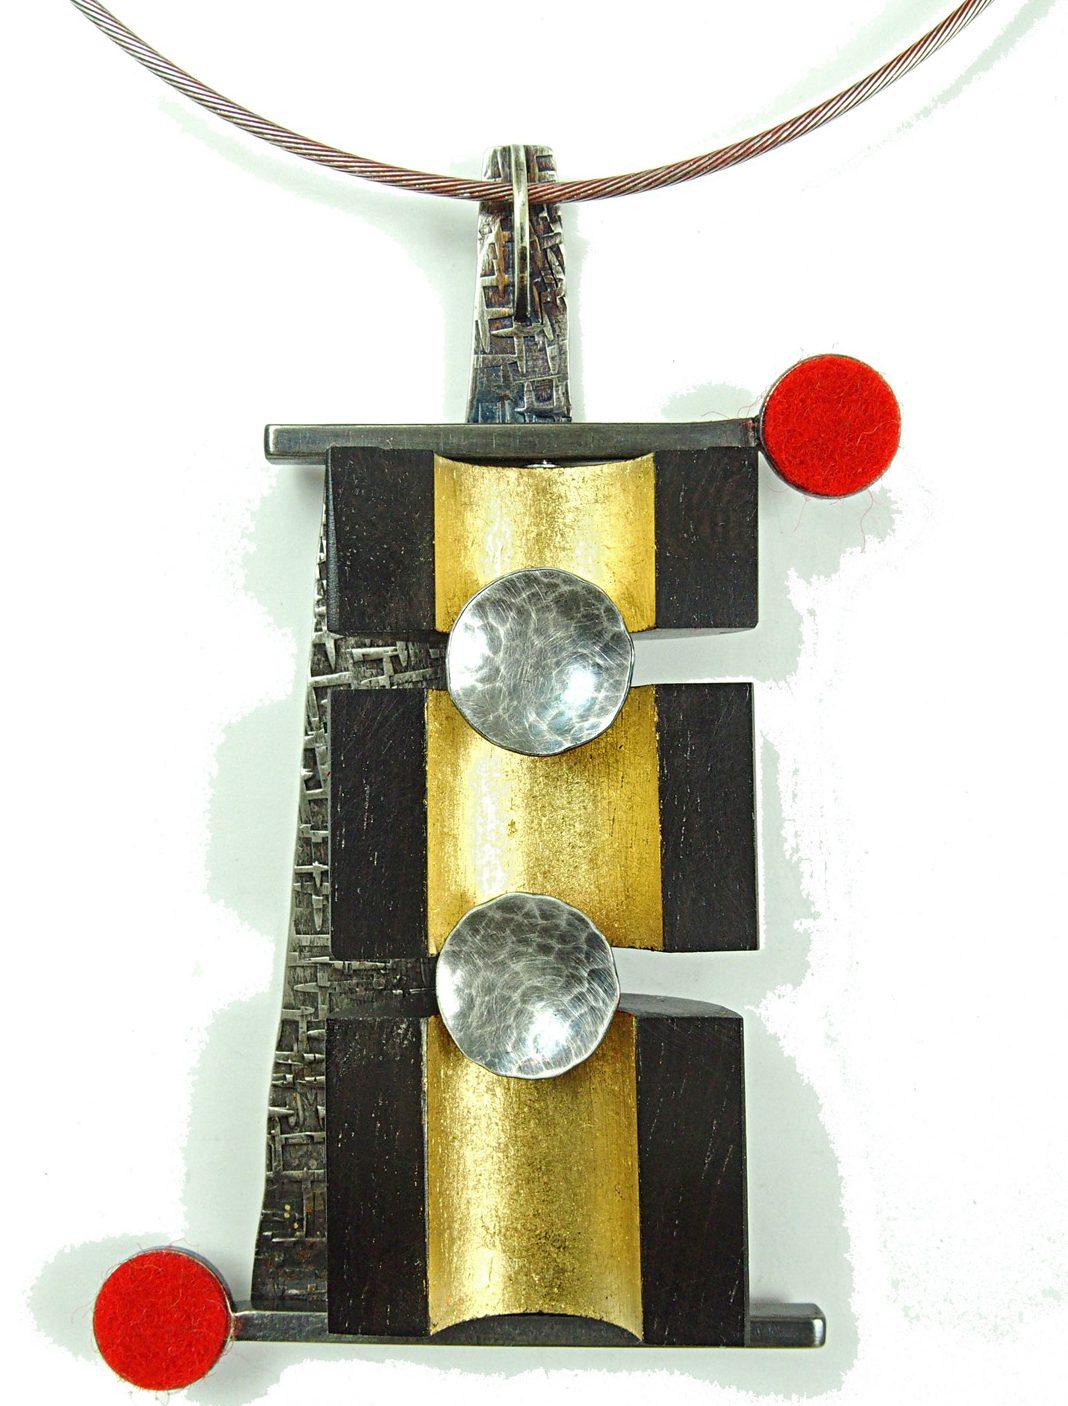 Lisa & Scott Cylinder, Cabinetry Necklace, halssieraad, 2014. Foto met dank aan Lisa & Scott Cylinder©